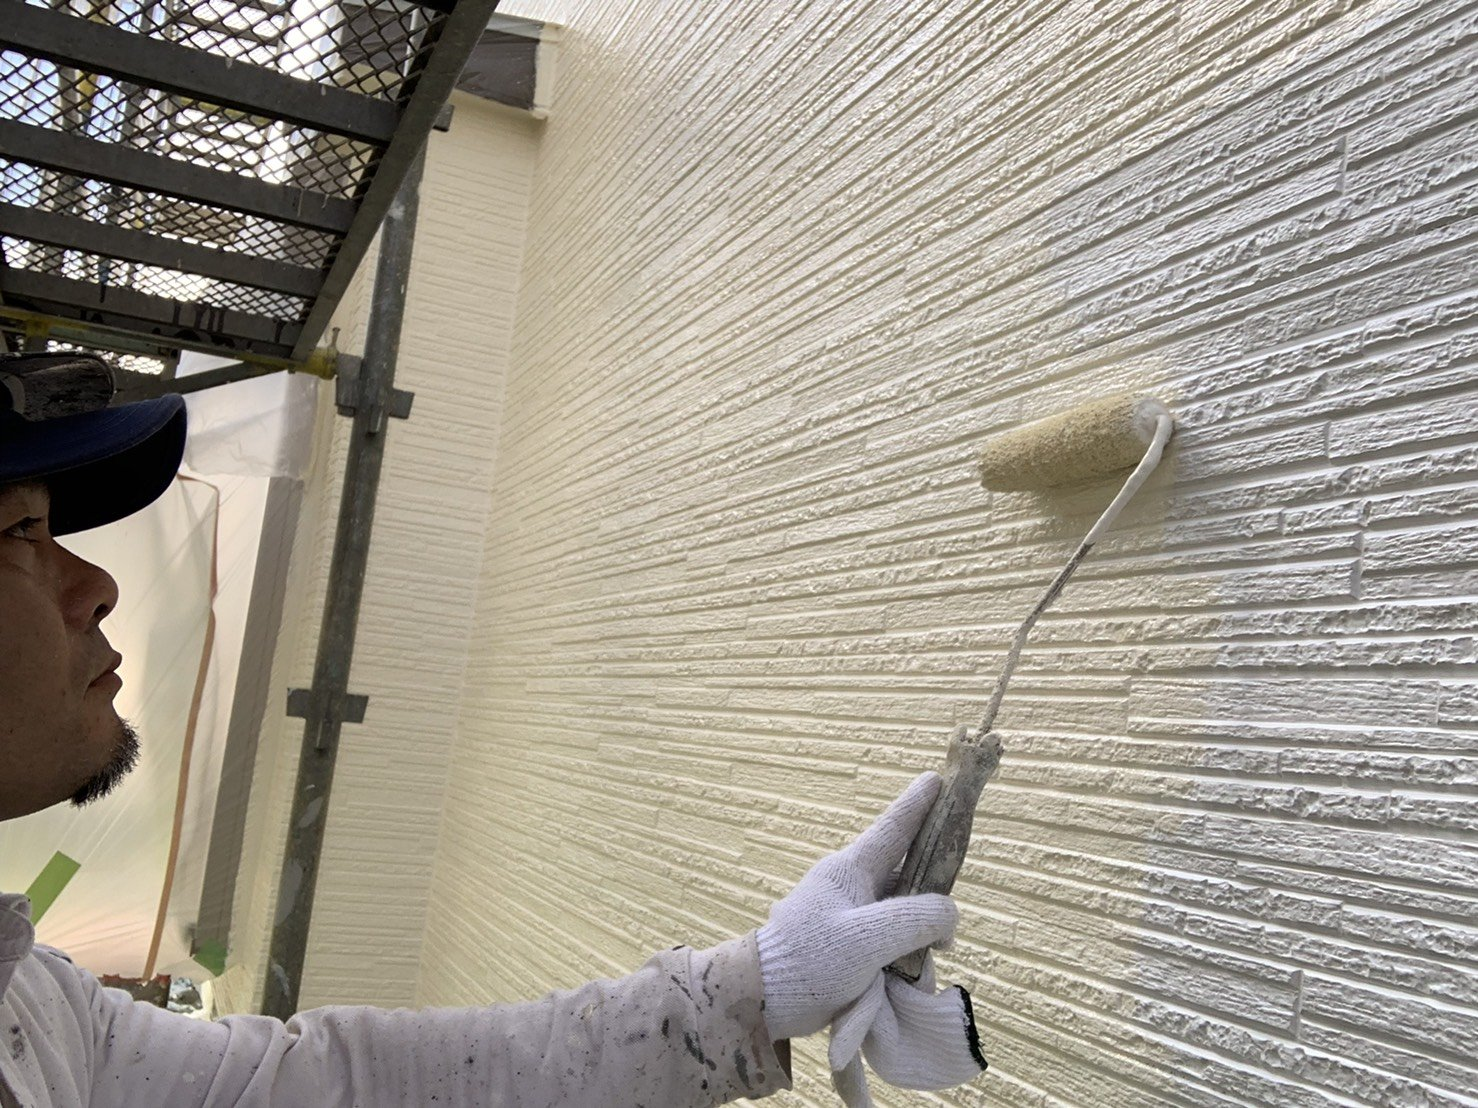 福岡県古賀市I様邸施工5日目外壁中塗り上塗り付帯塗装作業